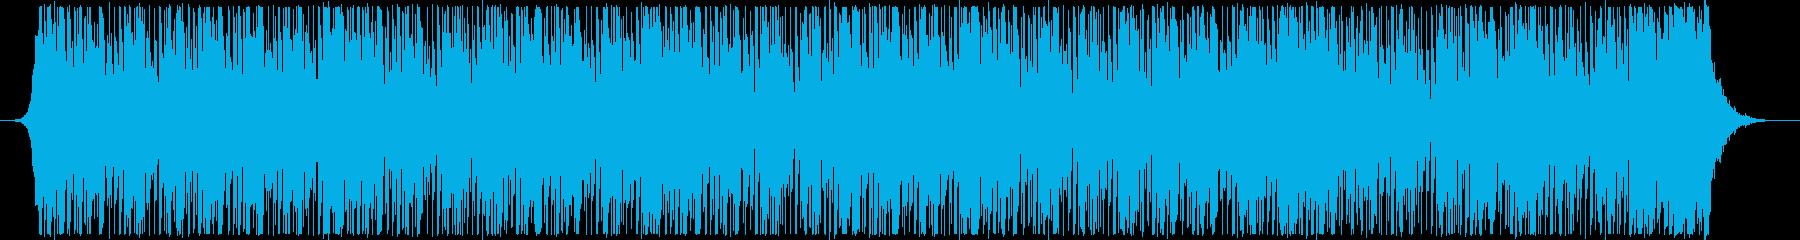 暖かいストリングス、繊細で脈動する...の再生済みの波形